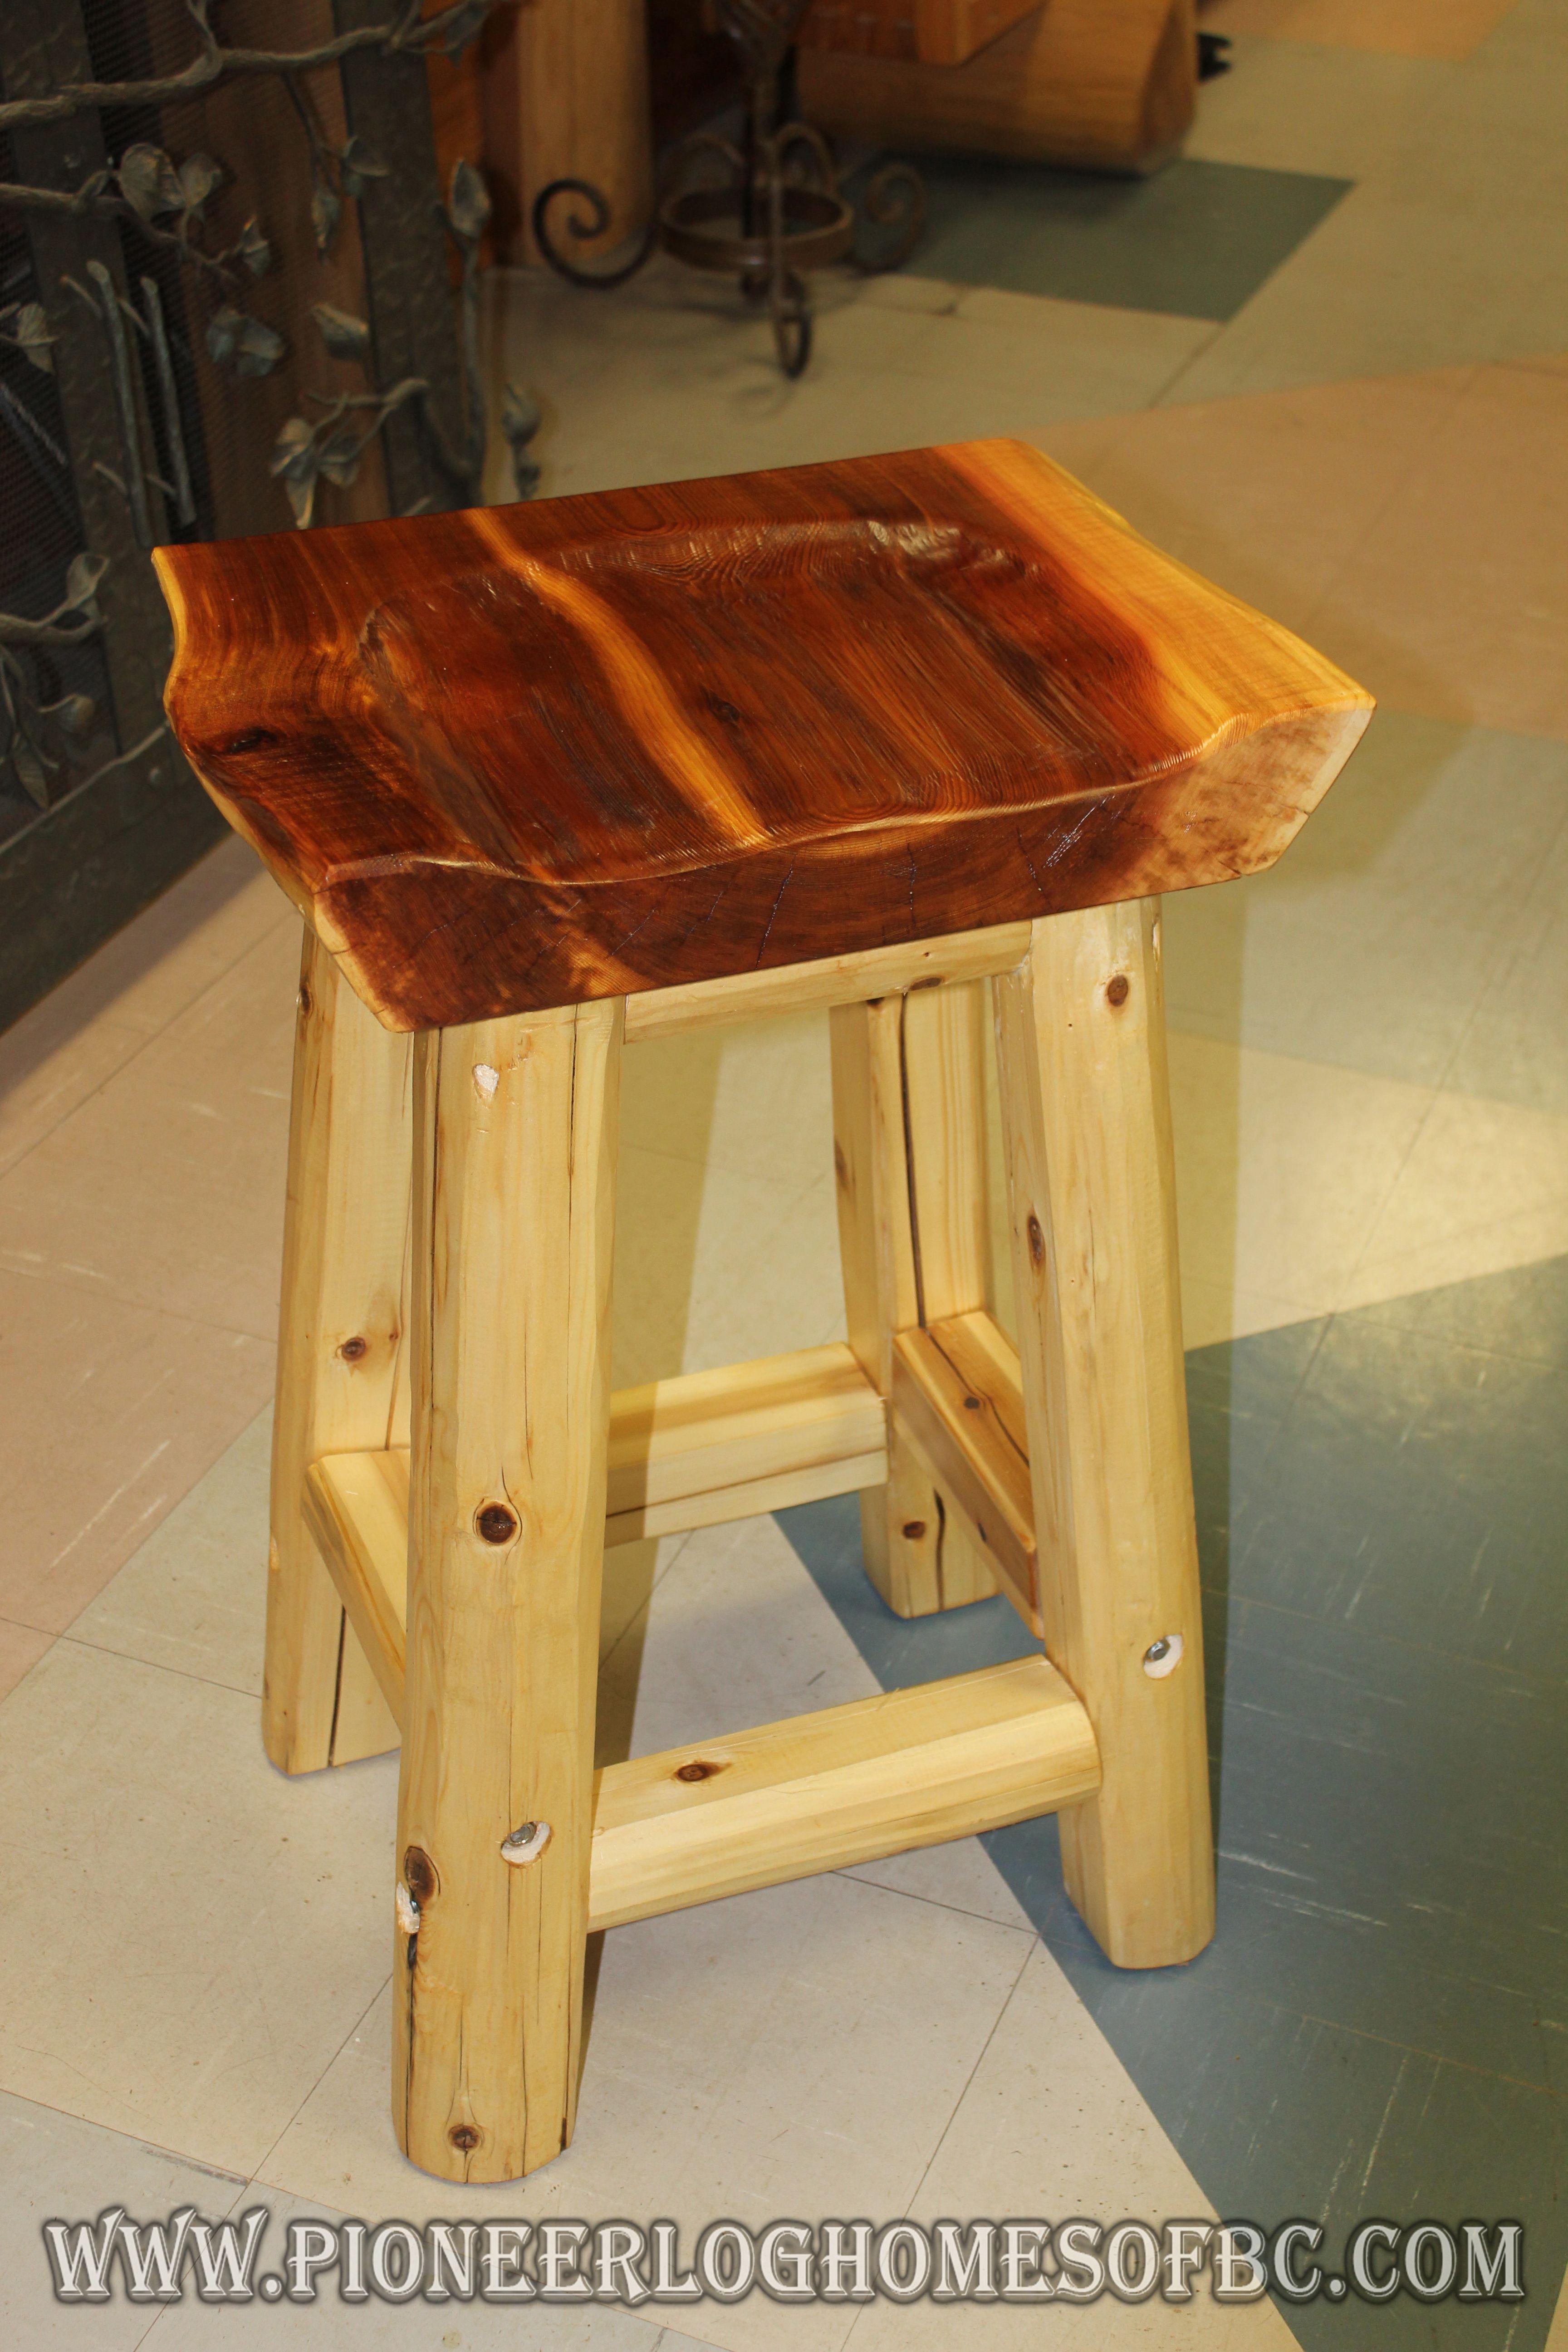 Handcrafted western red cedar log bar stool